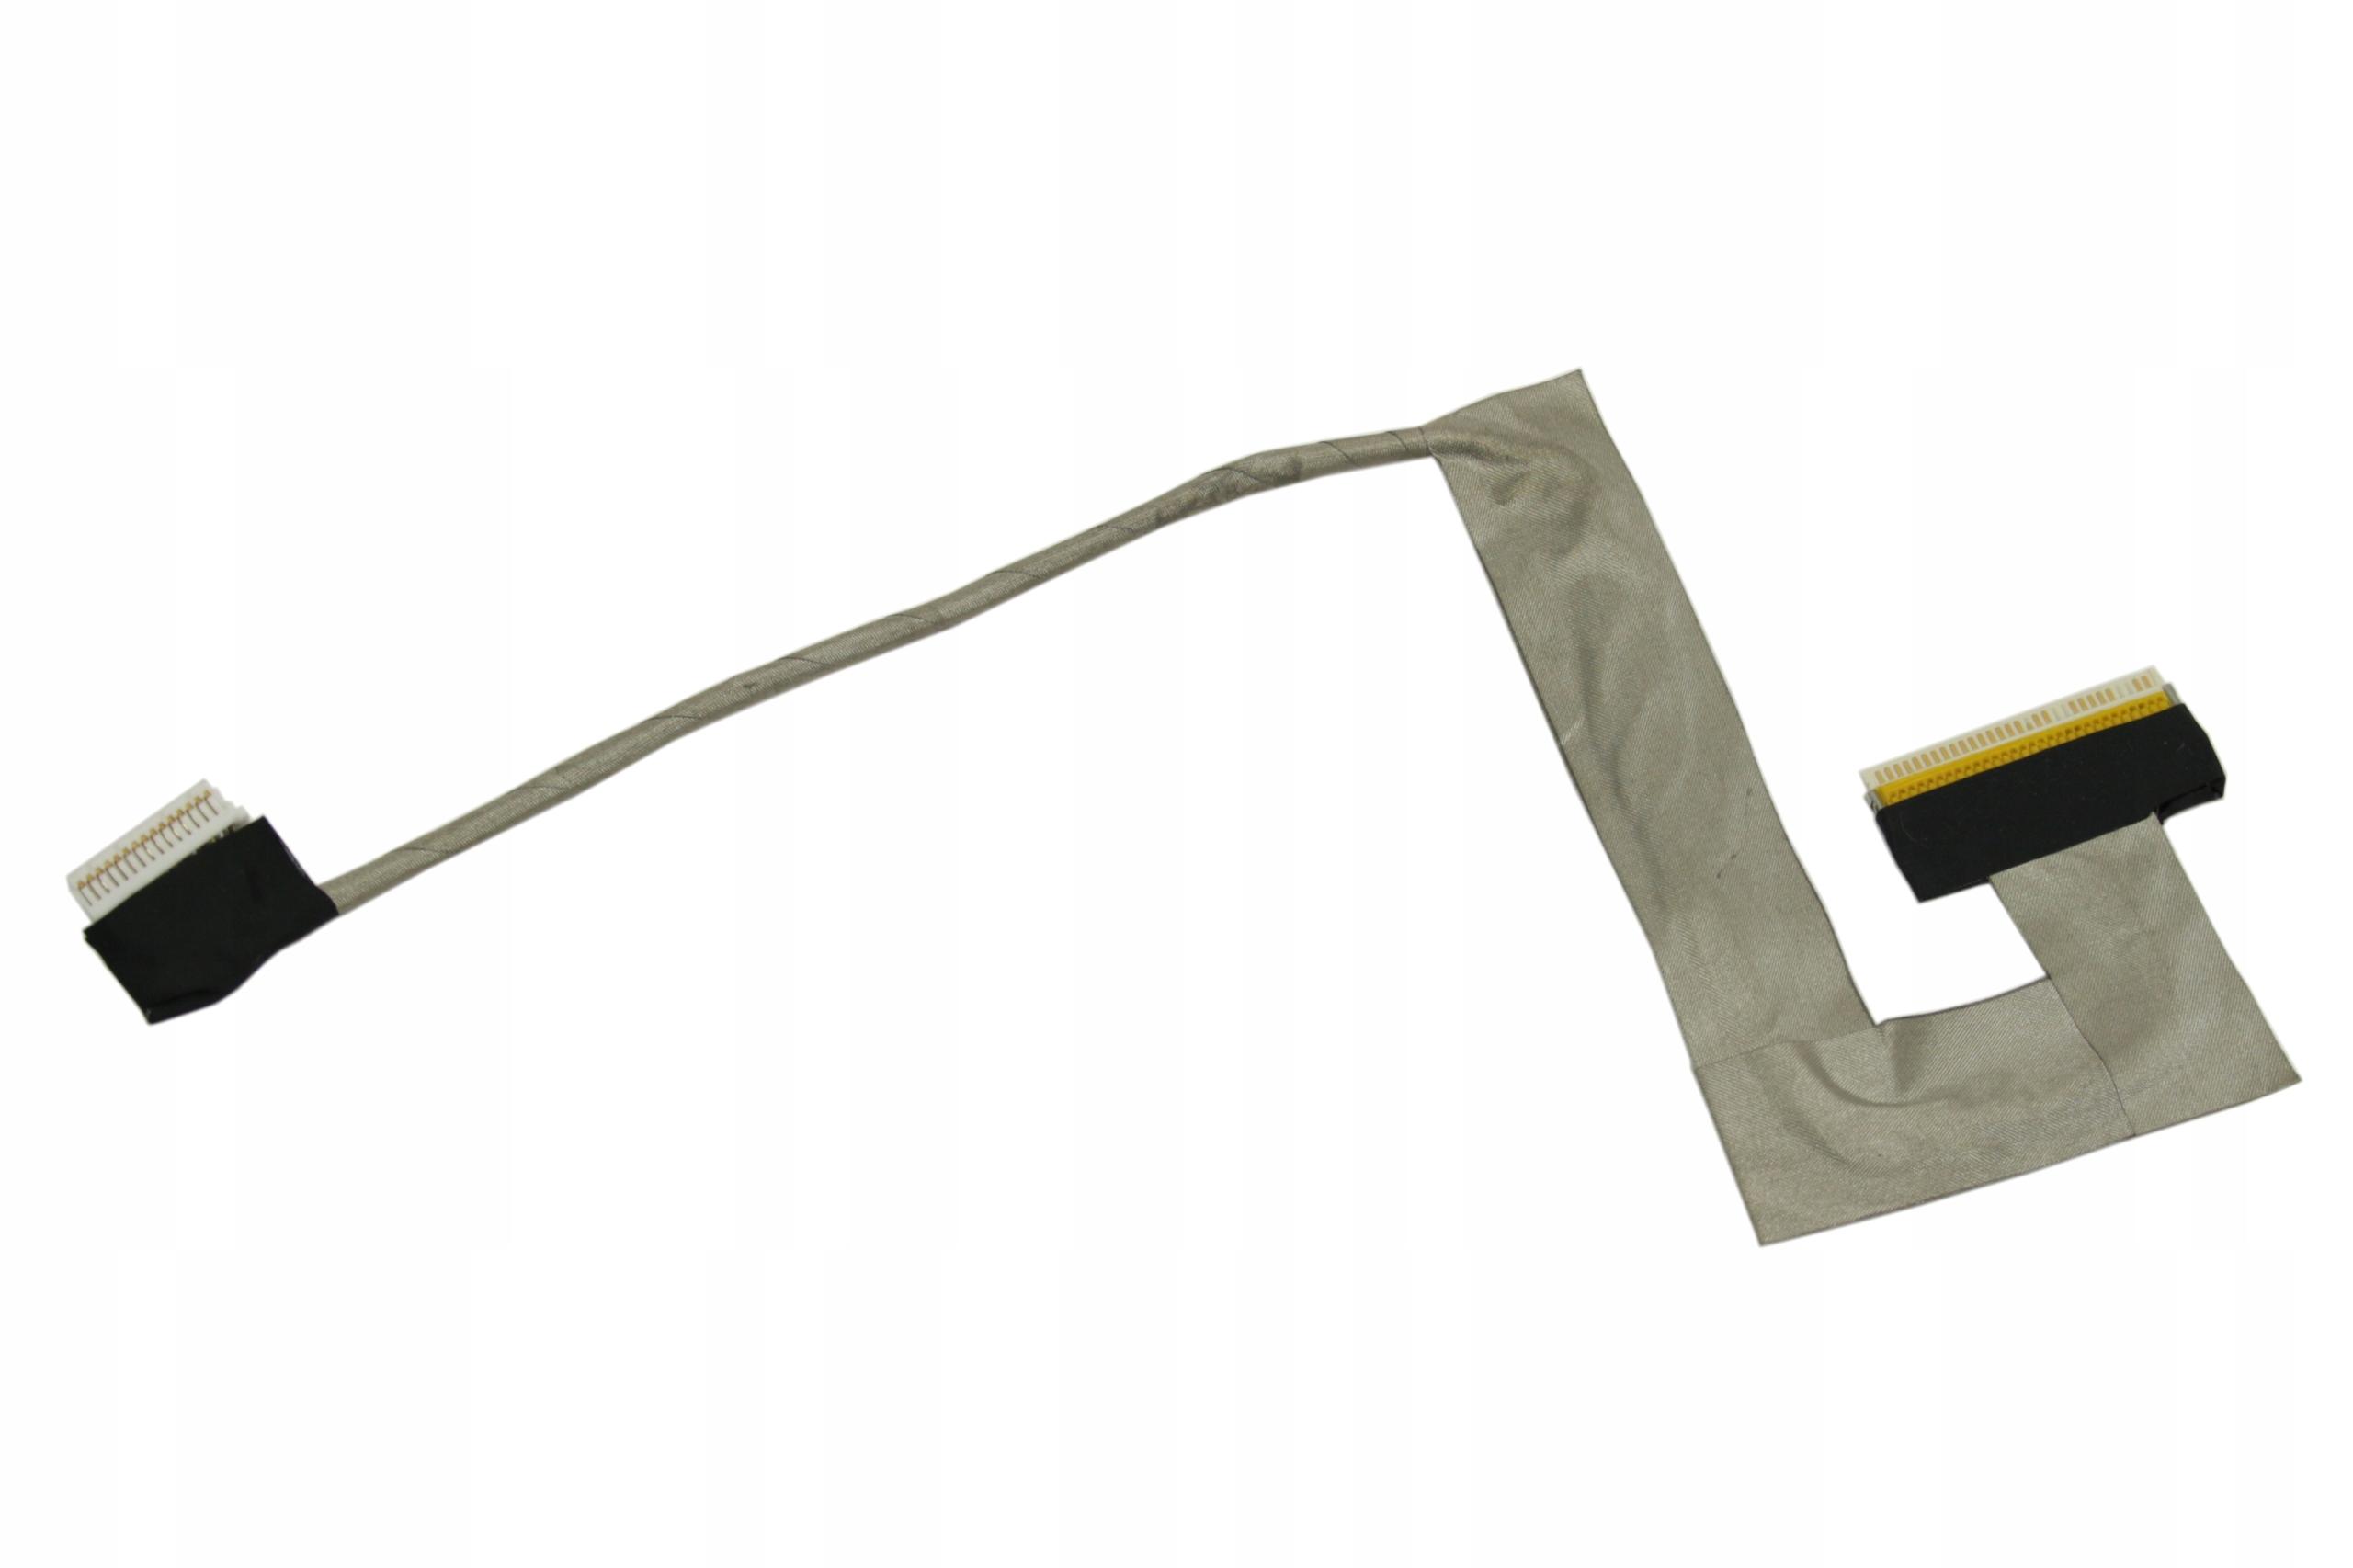 TAŚMA LCD MATRYCY MSI U100 U90 U110 U120 K19-3030028-H58, K19-3030019, K19-303028-H58, K19-303029-H58 - Taśmy i inwertery